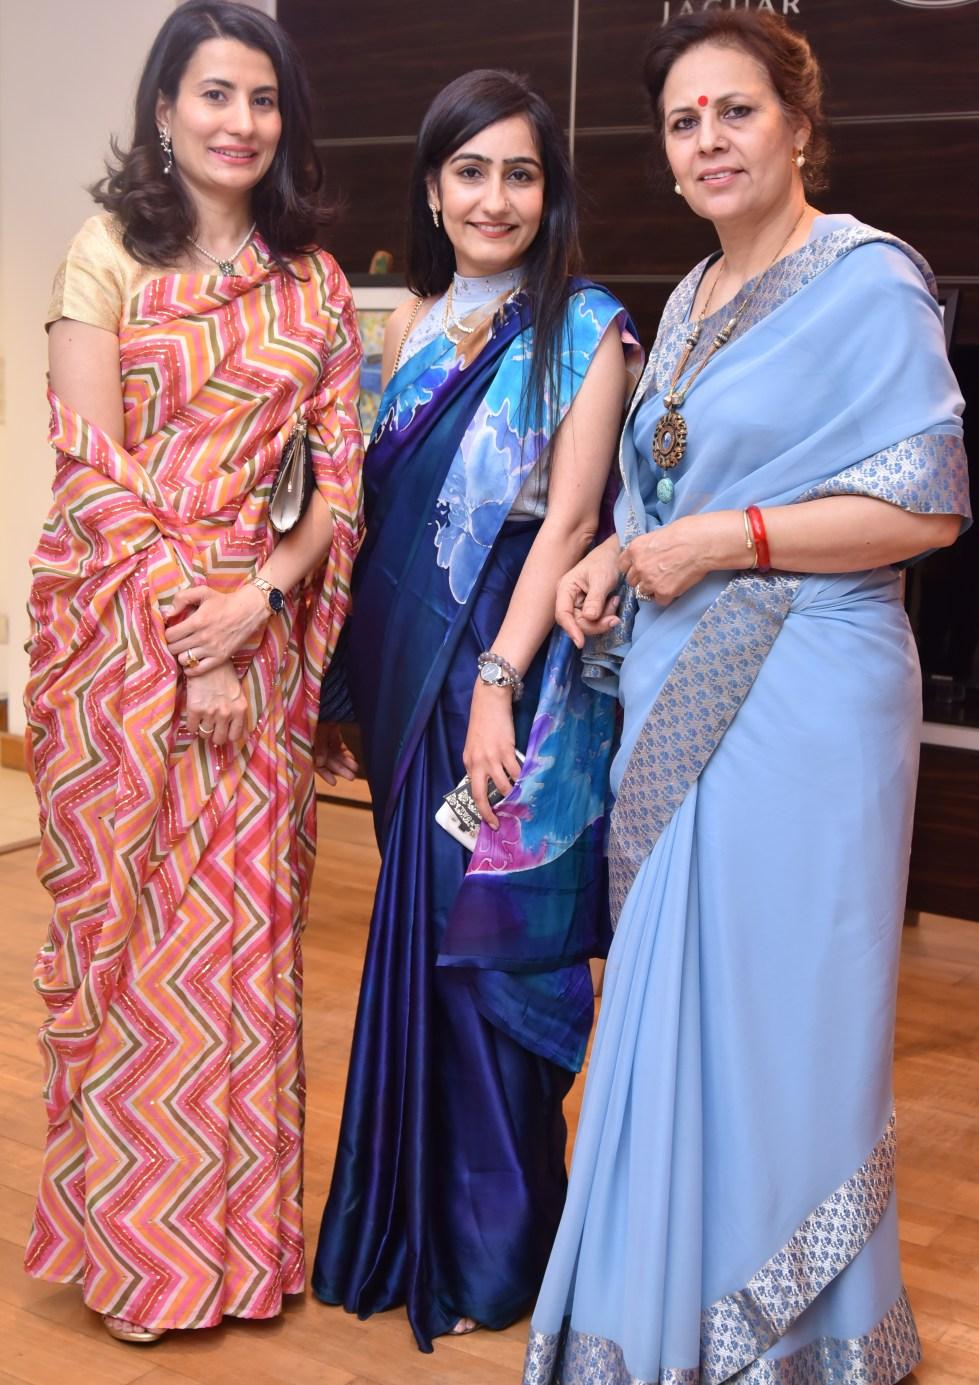 Maharajkumari Vidita Singh Barwani, Nidhi Seth & Kunwarani Bharti Singh of Sahanpur